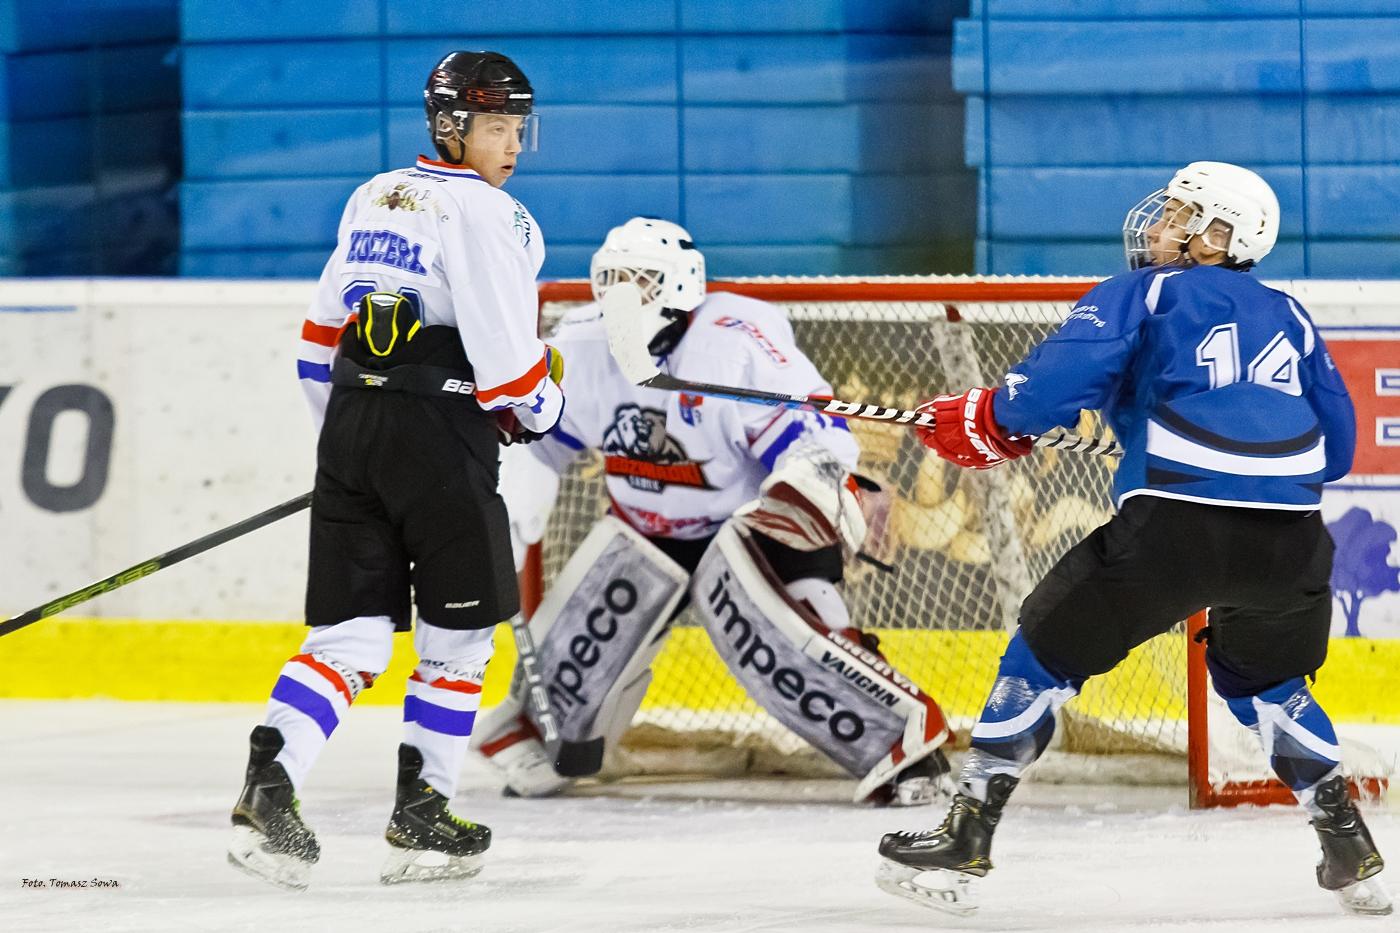 Rozpoczęcie sezonu hokejowego u Niedźwiadków. Mecz UKS Niedźwiadki -SMS Katowice [ZDJĘCIA] - Zdjęcie główne